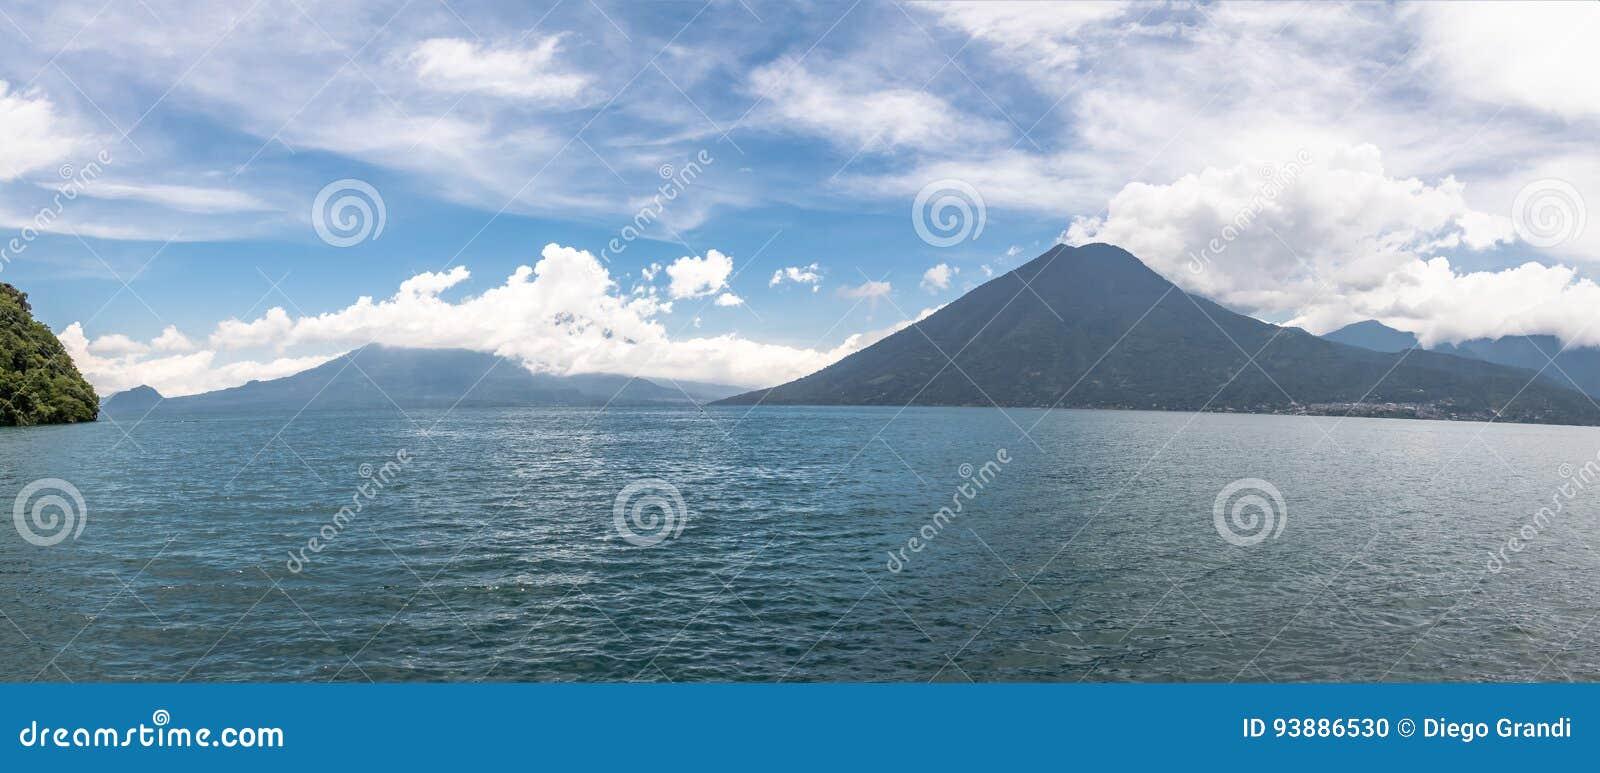 Vista Panorámica Del Lago Atitlan Y San Pedro Volcano - San Marcos ...